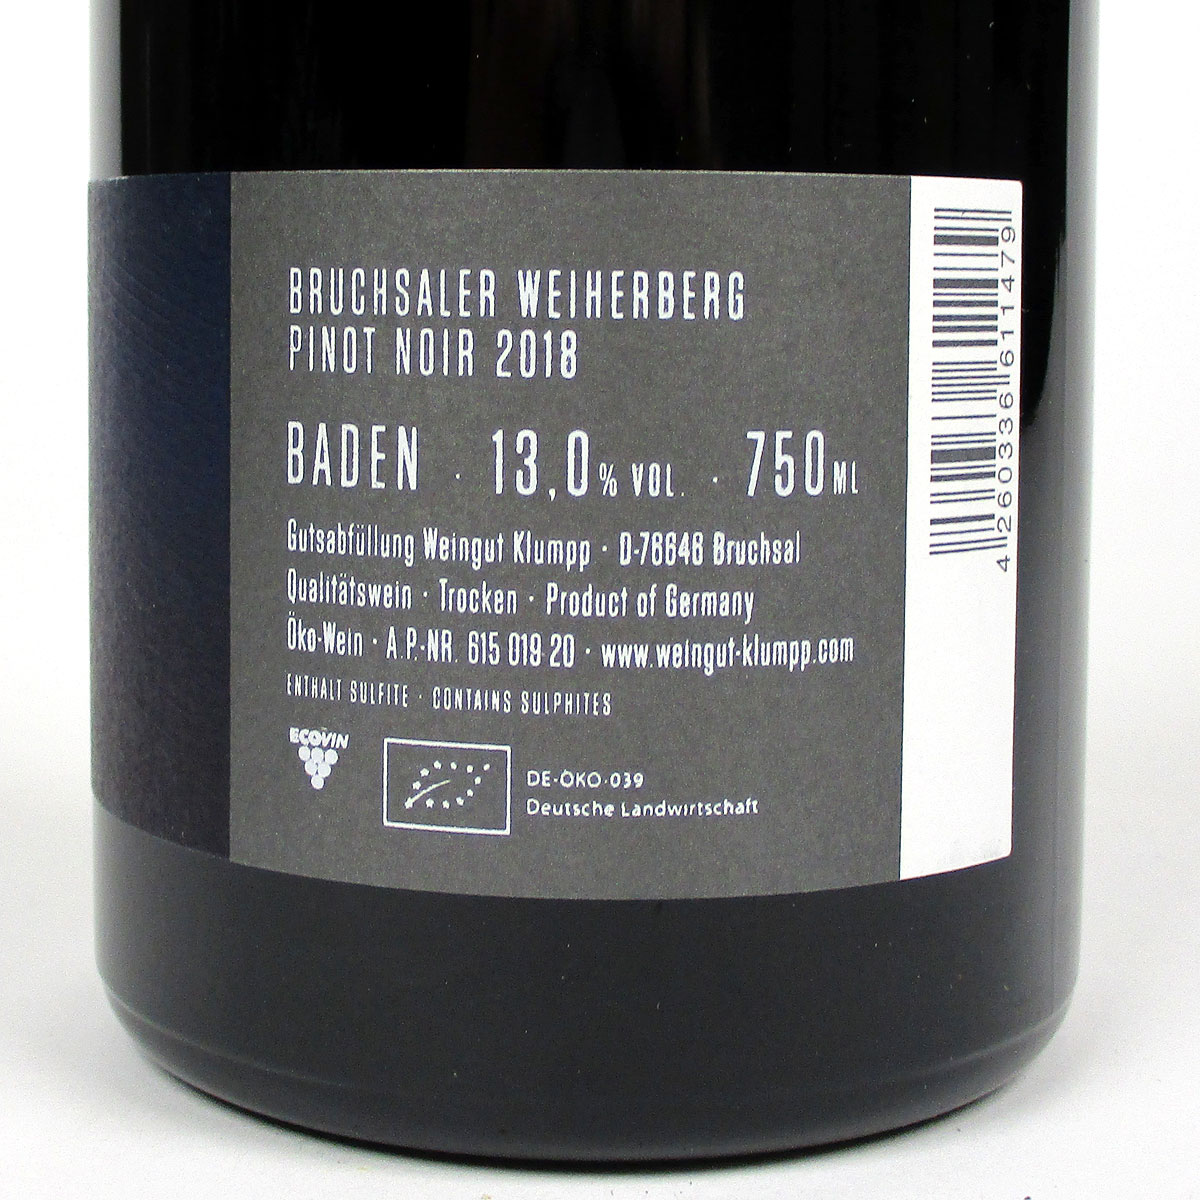 Baden: Klumpp Bruchsaler Weiherberg Pinot Noir 2018 - Bottle Rear Label